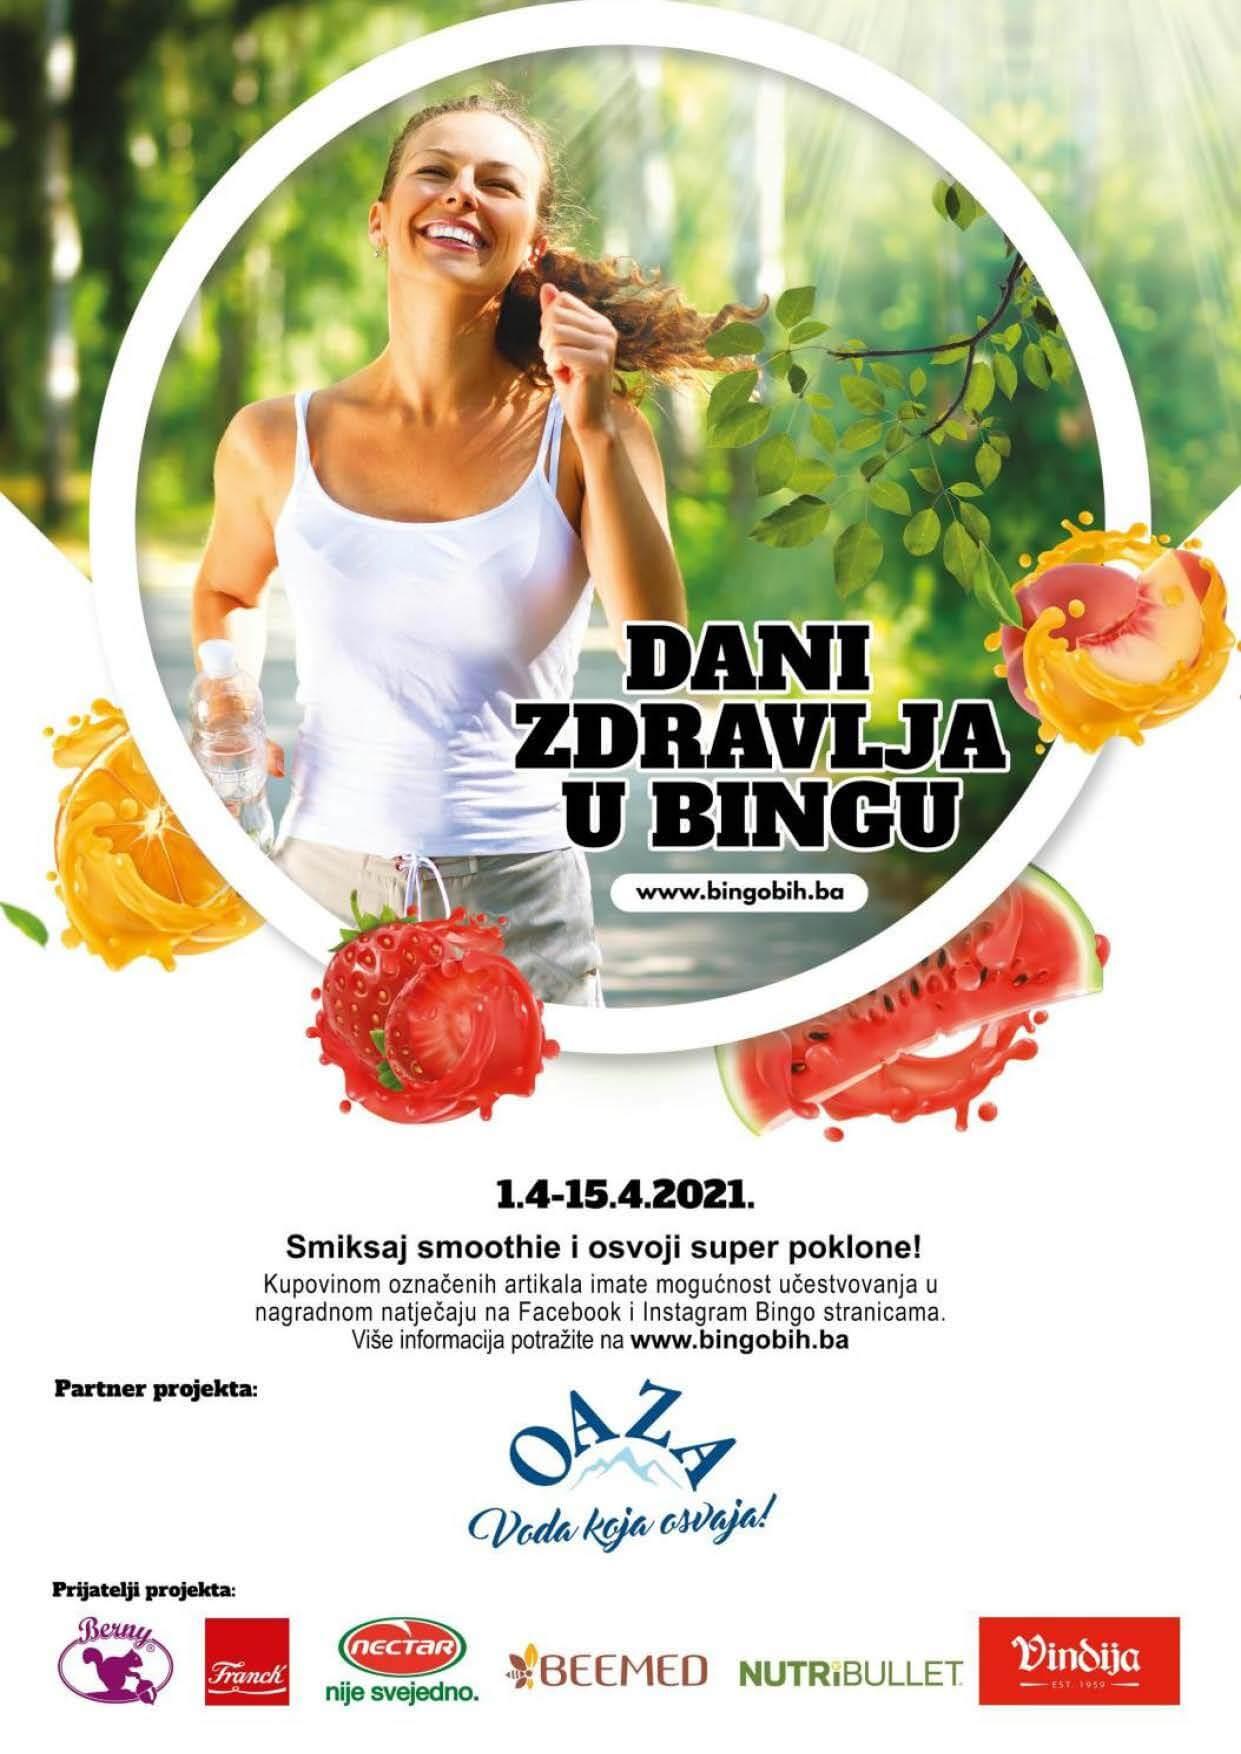 BINGO Katalog Dani zdravlja u Bingu APRIL 2021 01.04.2021. 15.04.2021. Page 01